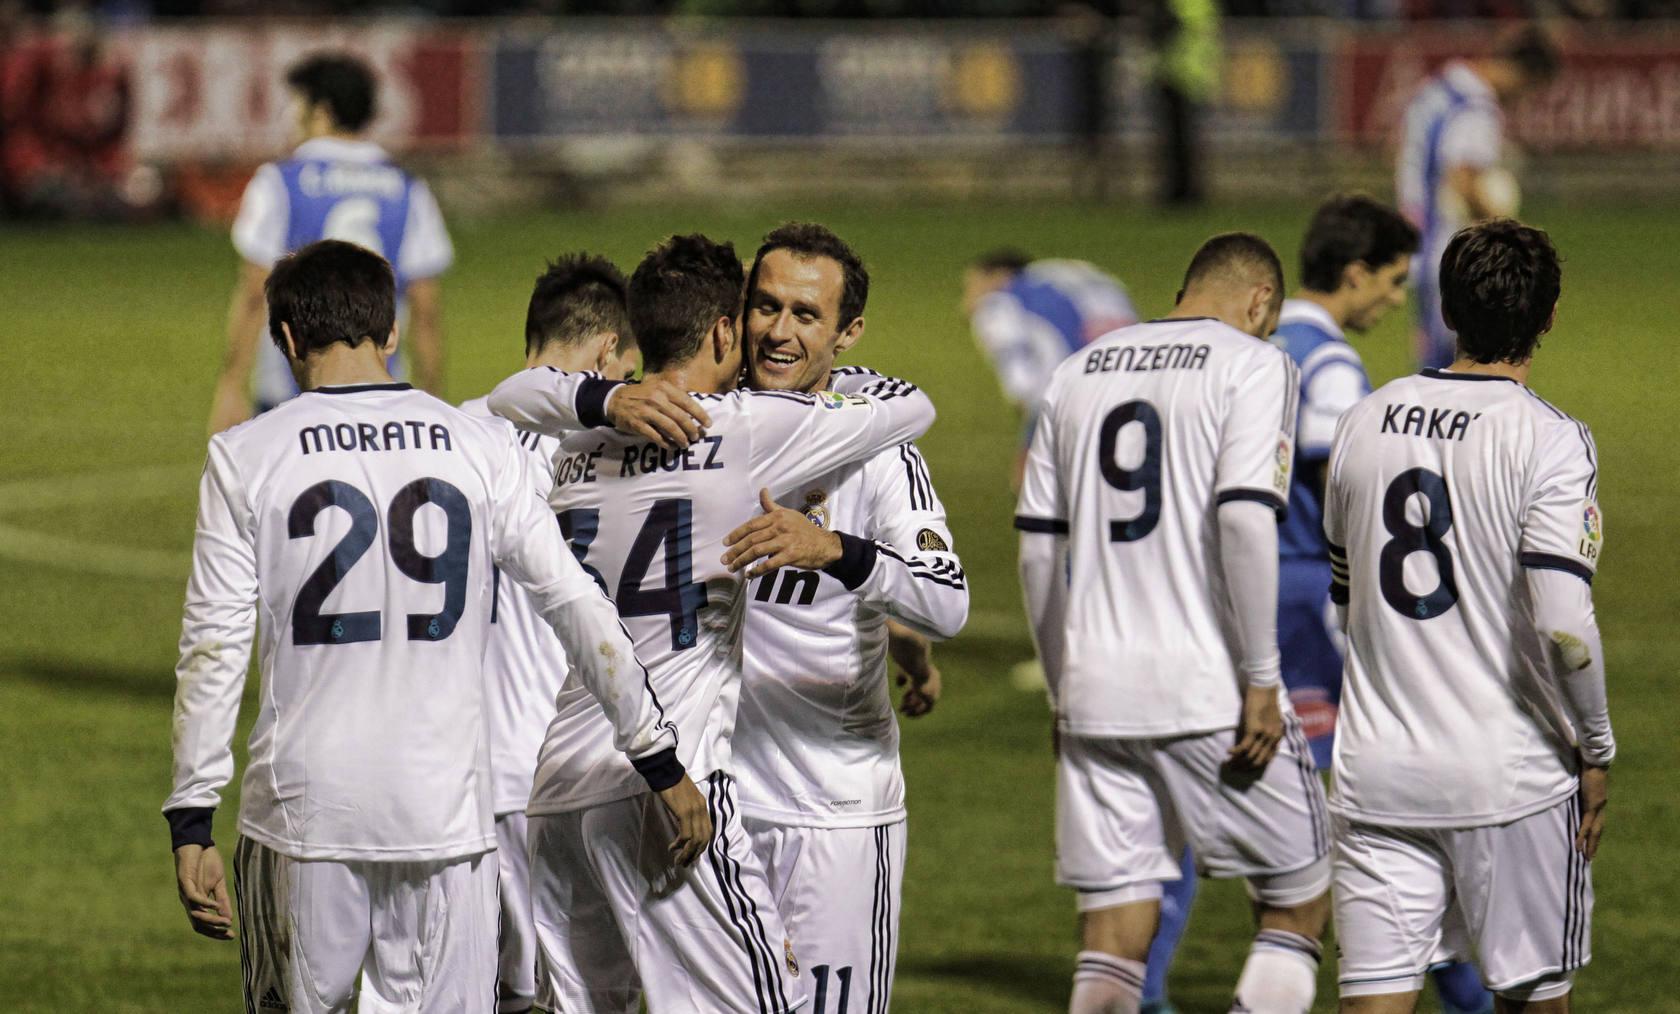 Las mejores imágenes del Alcoyano-Real Madrid